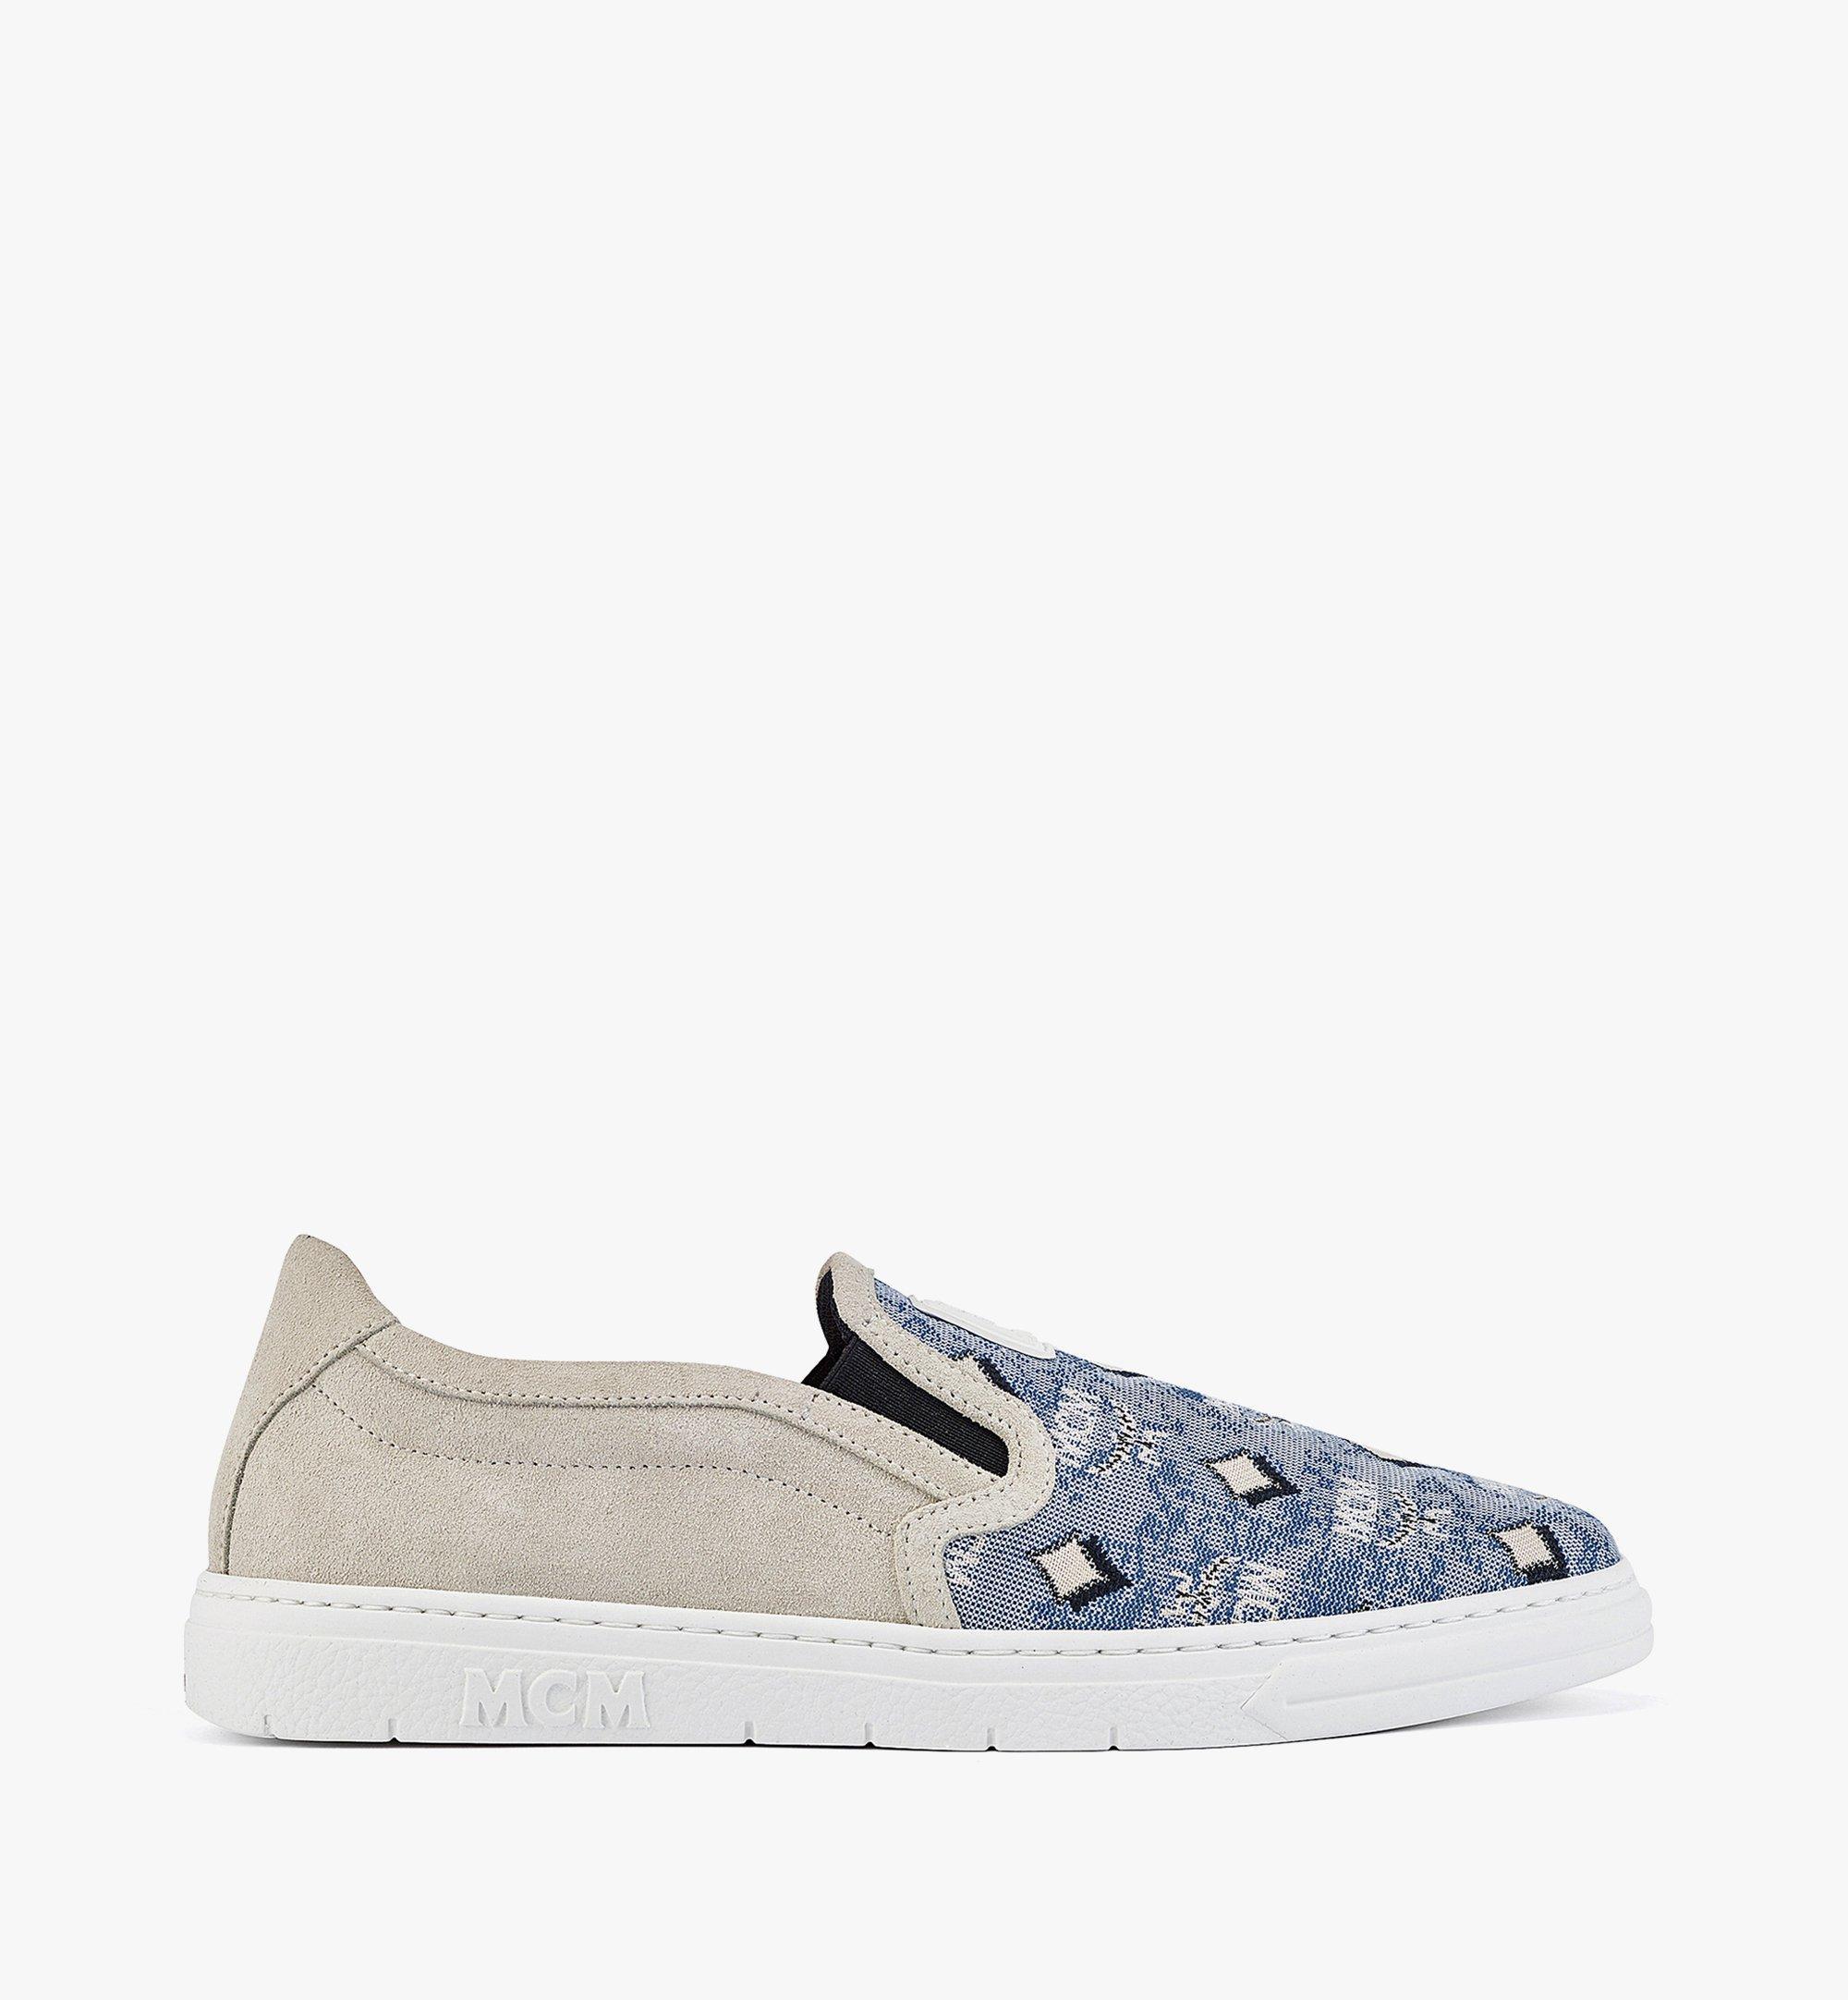 MCM Women's Slip-on Sneakers in Vintage Jacquard Monogram Blue MESBATQ05LU036 Alternate View 3